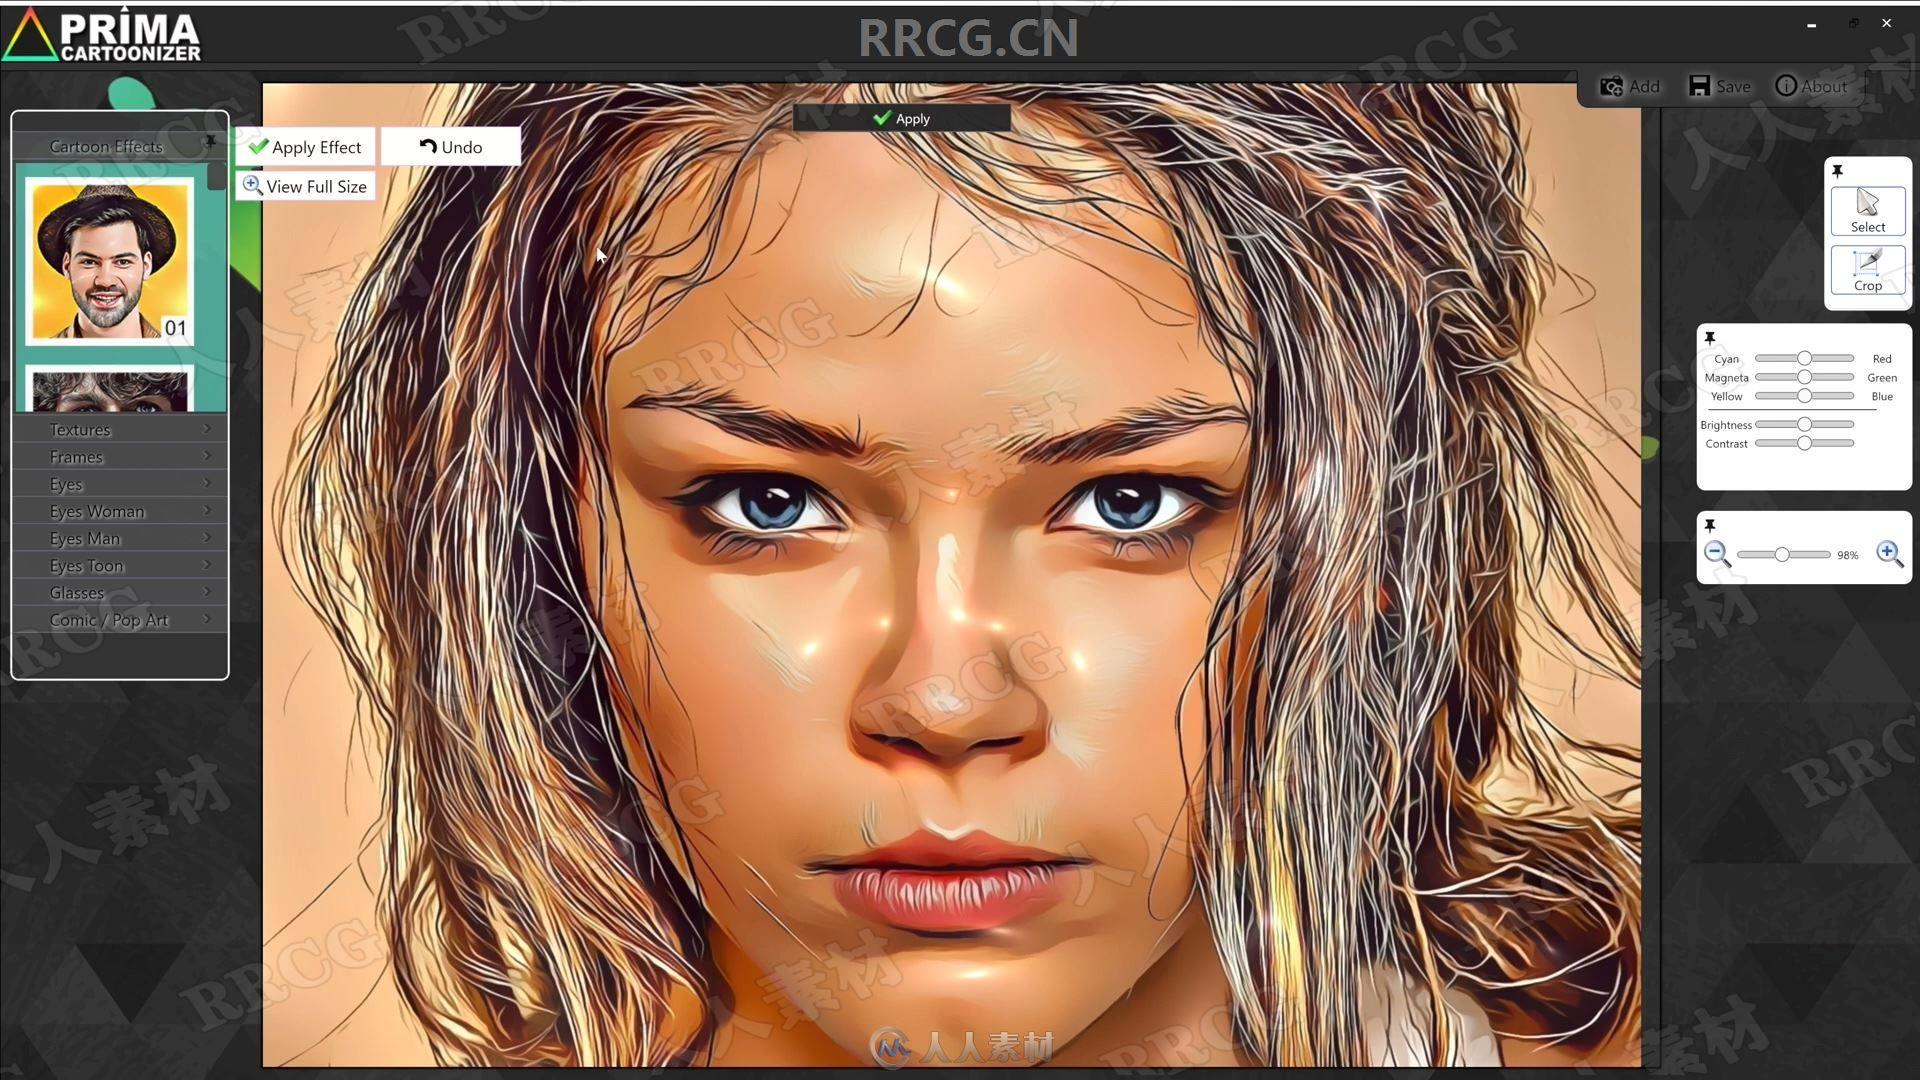 Prima Cartoonizer照片卡通艺术特效软件V3.1.8版